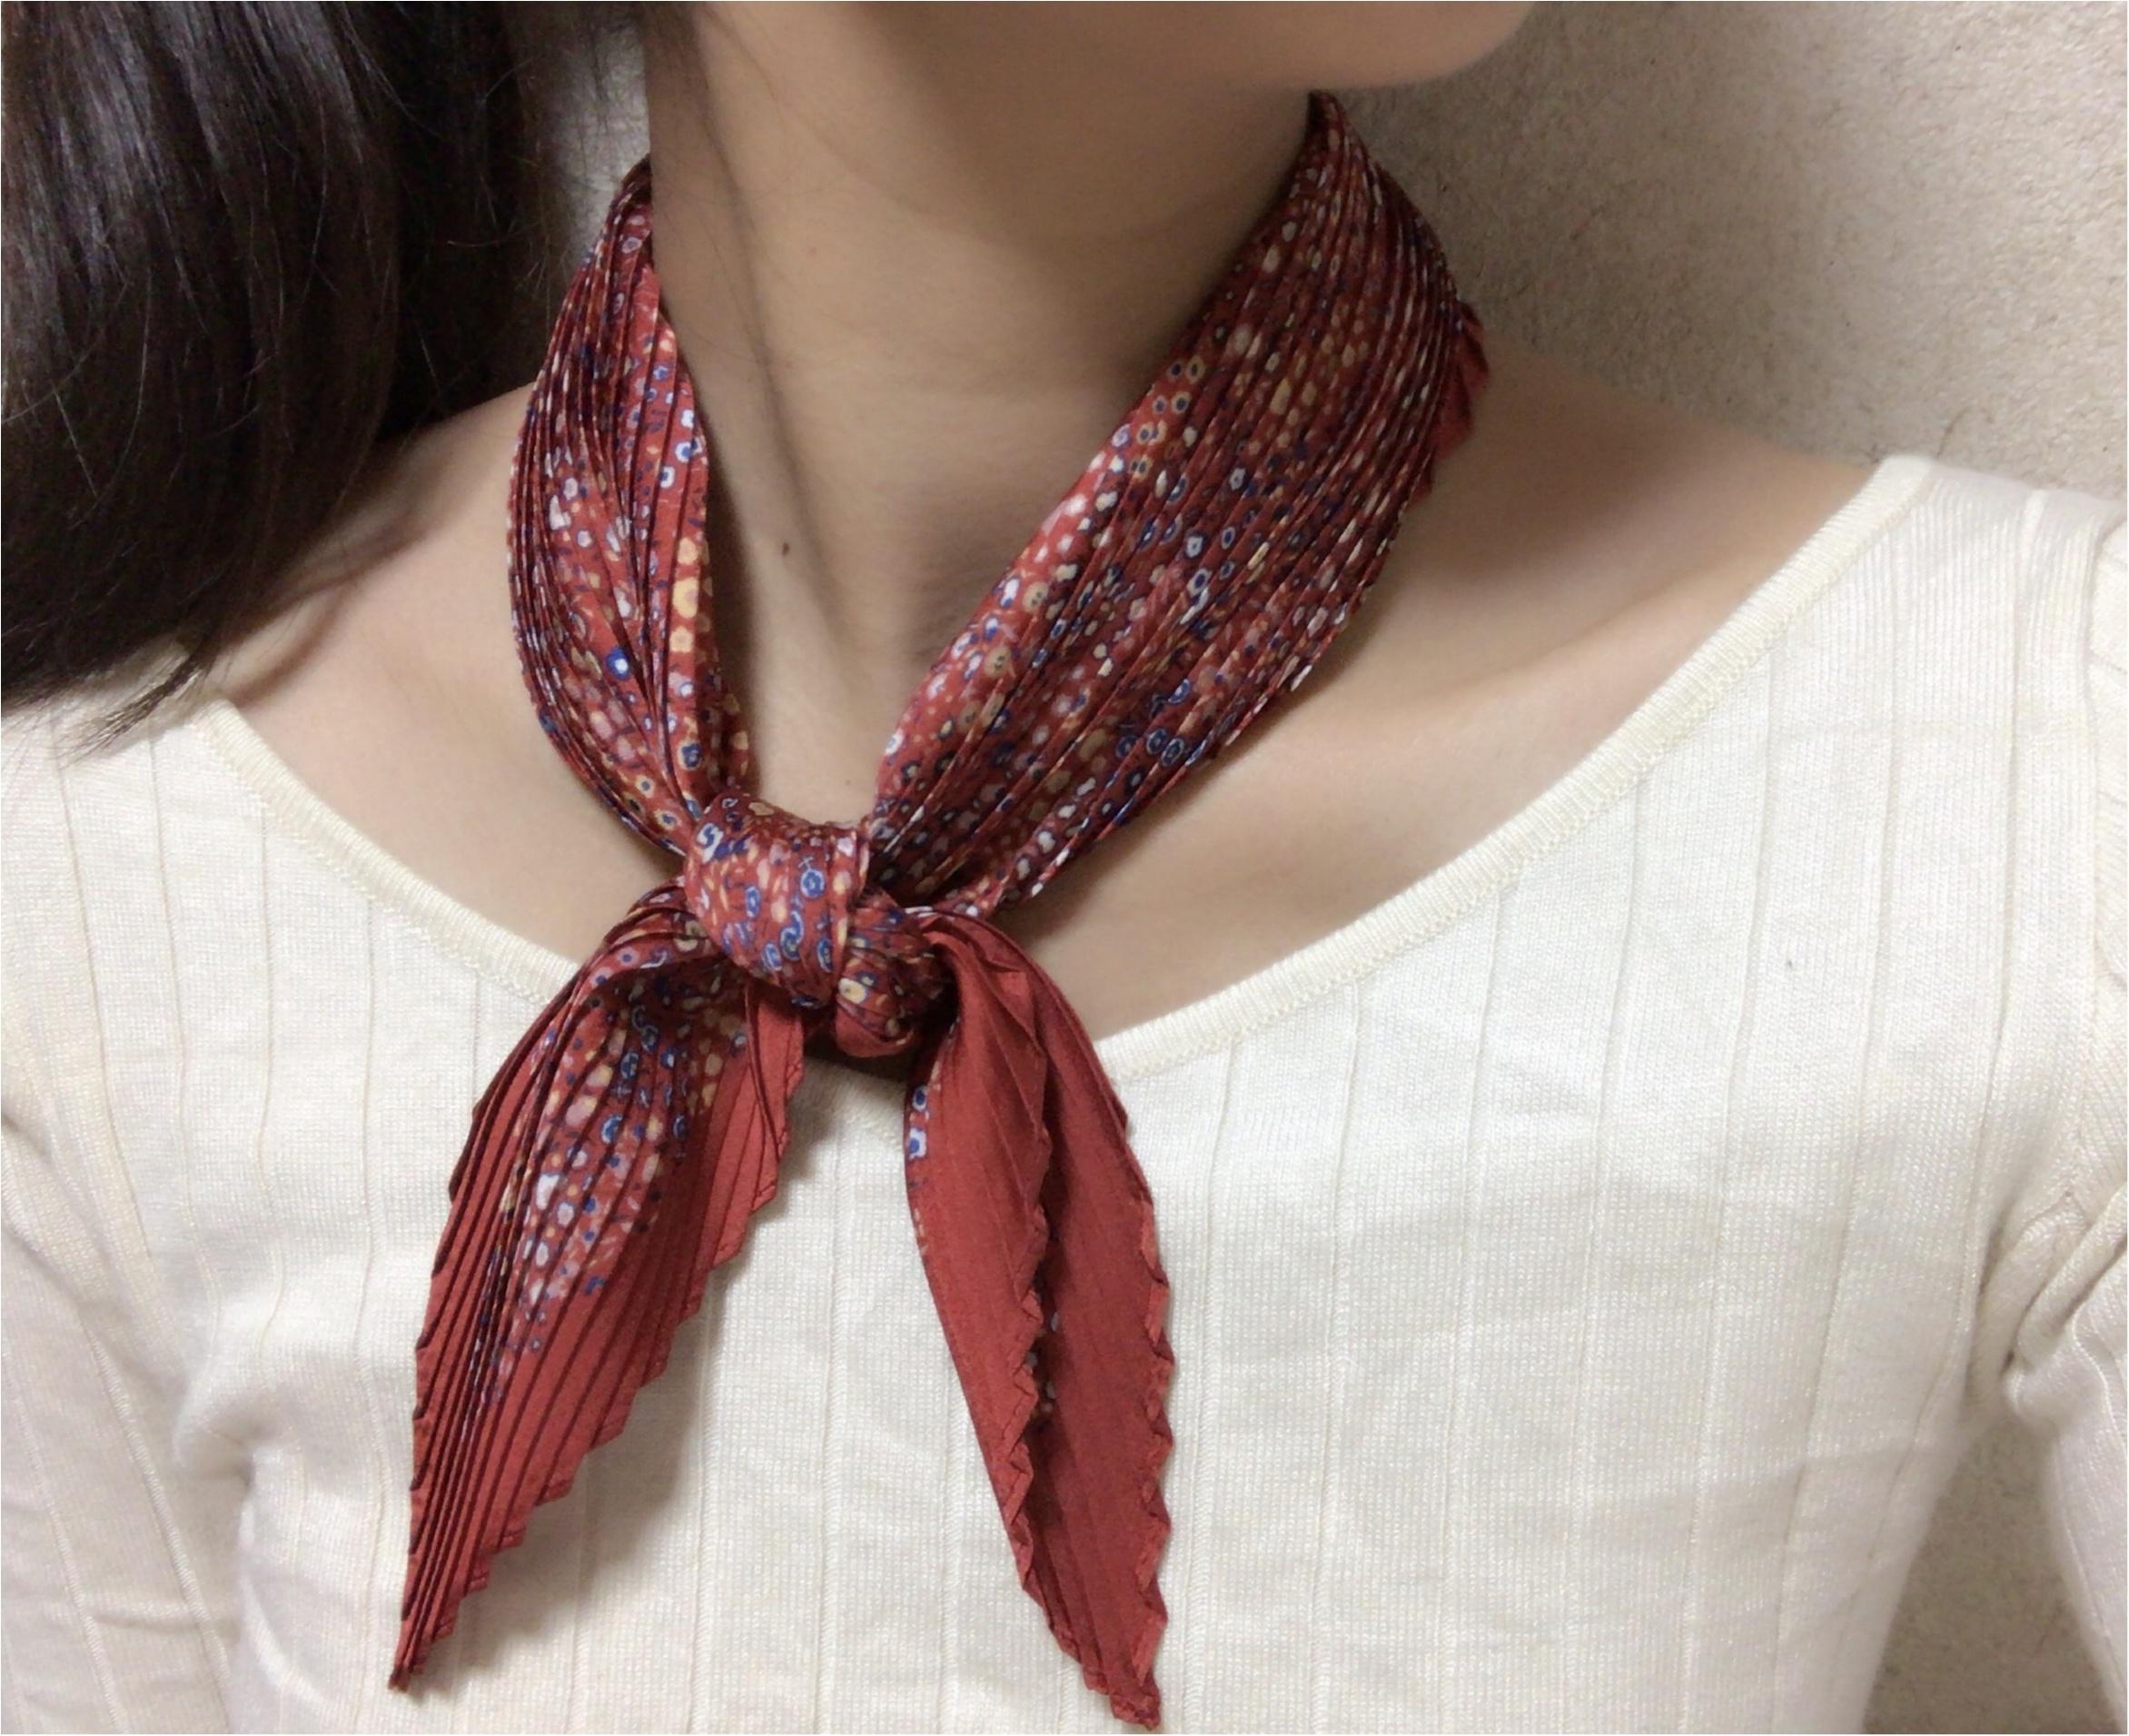 《もうGETした?》春に向けて手に入れたい‼︎プチプラなのに高見えな『シルキープリーツスカーフ』が【ユニクロ】で590円✨_3